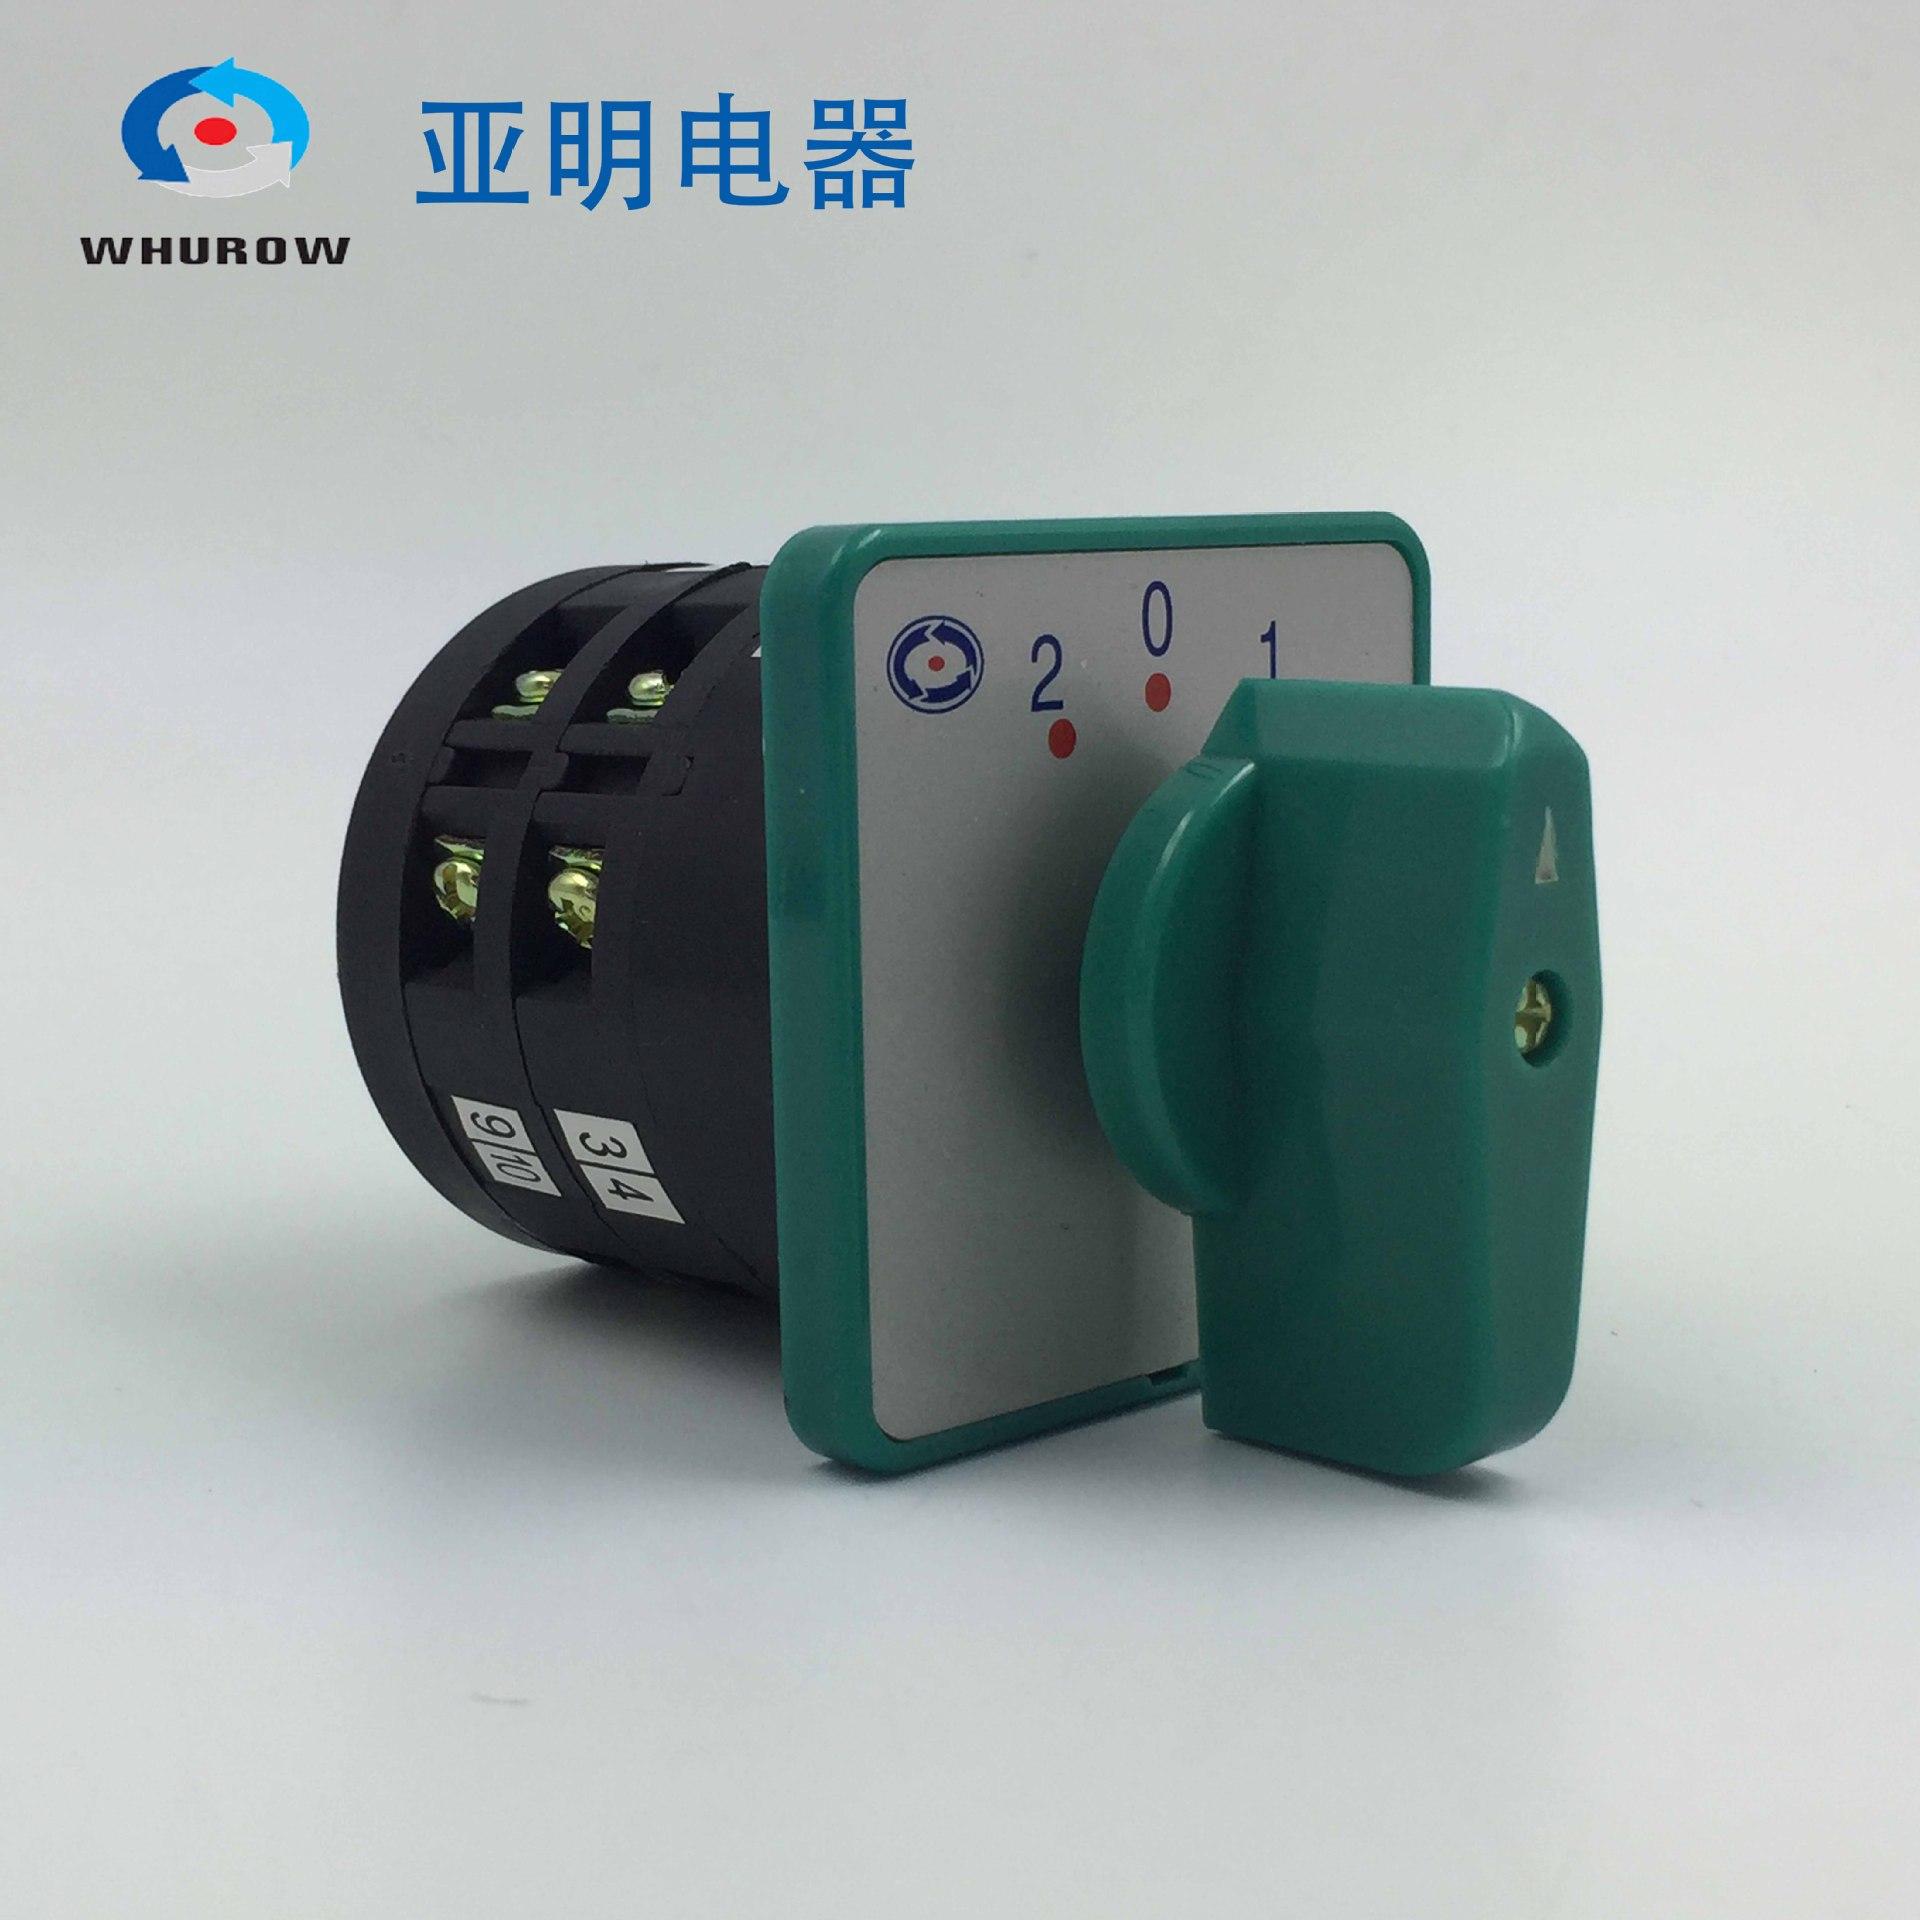 Zhejiang yaming électrique LW6D-2 / B071 commutateur universel 3. Section 2 l'argent des contacts de commutateur combiné de rotation